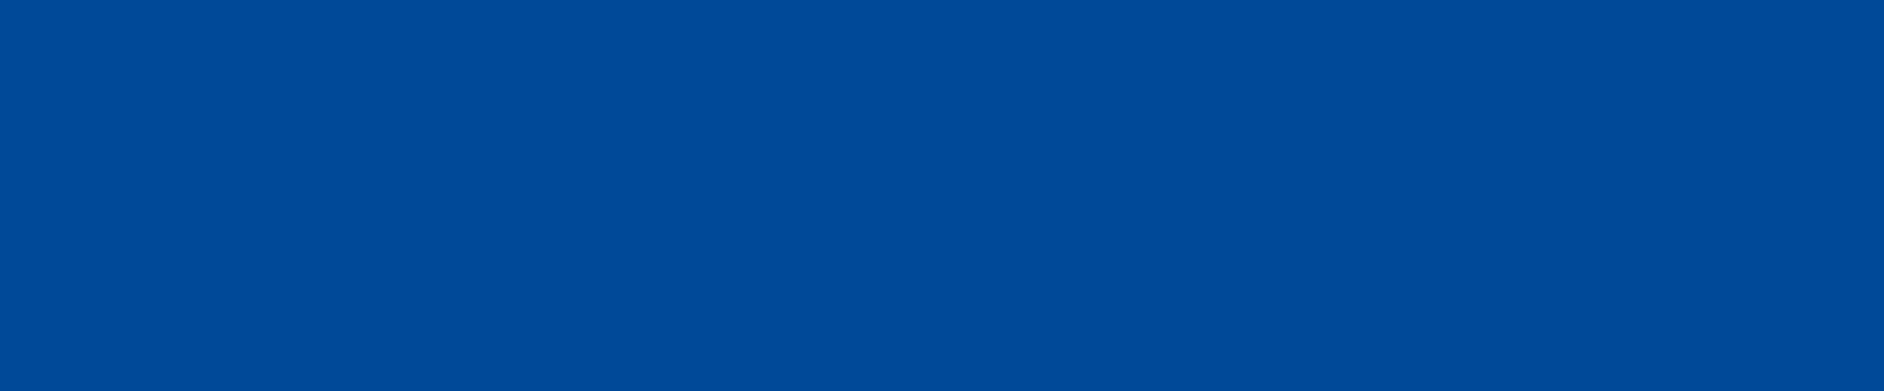 Safewell标志L4 1